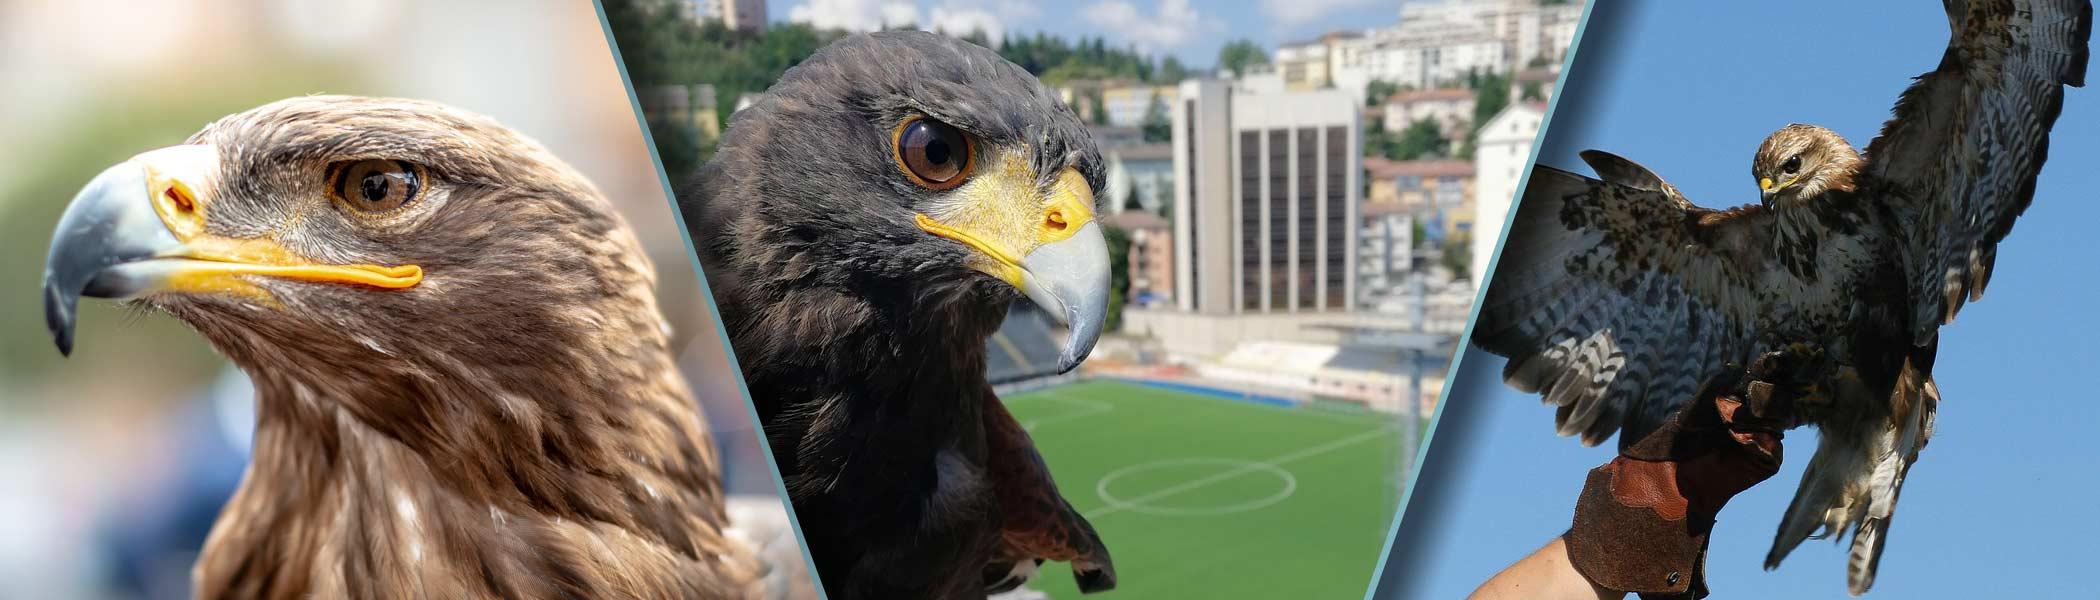 La Potenza del Volo - Spettacoli - Bird Control - Didattica e Visite Guidate - Corsi di Falconeria